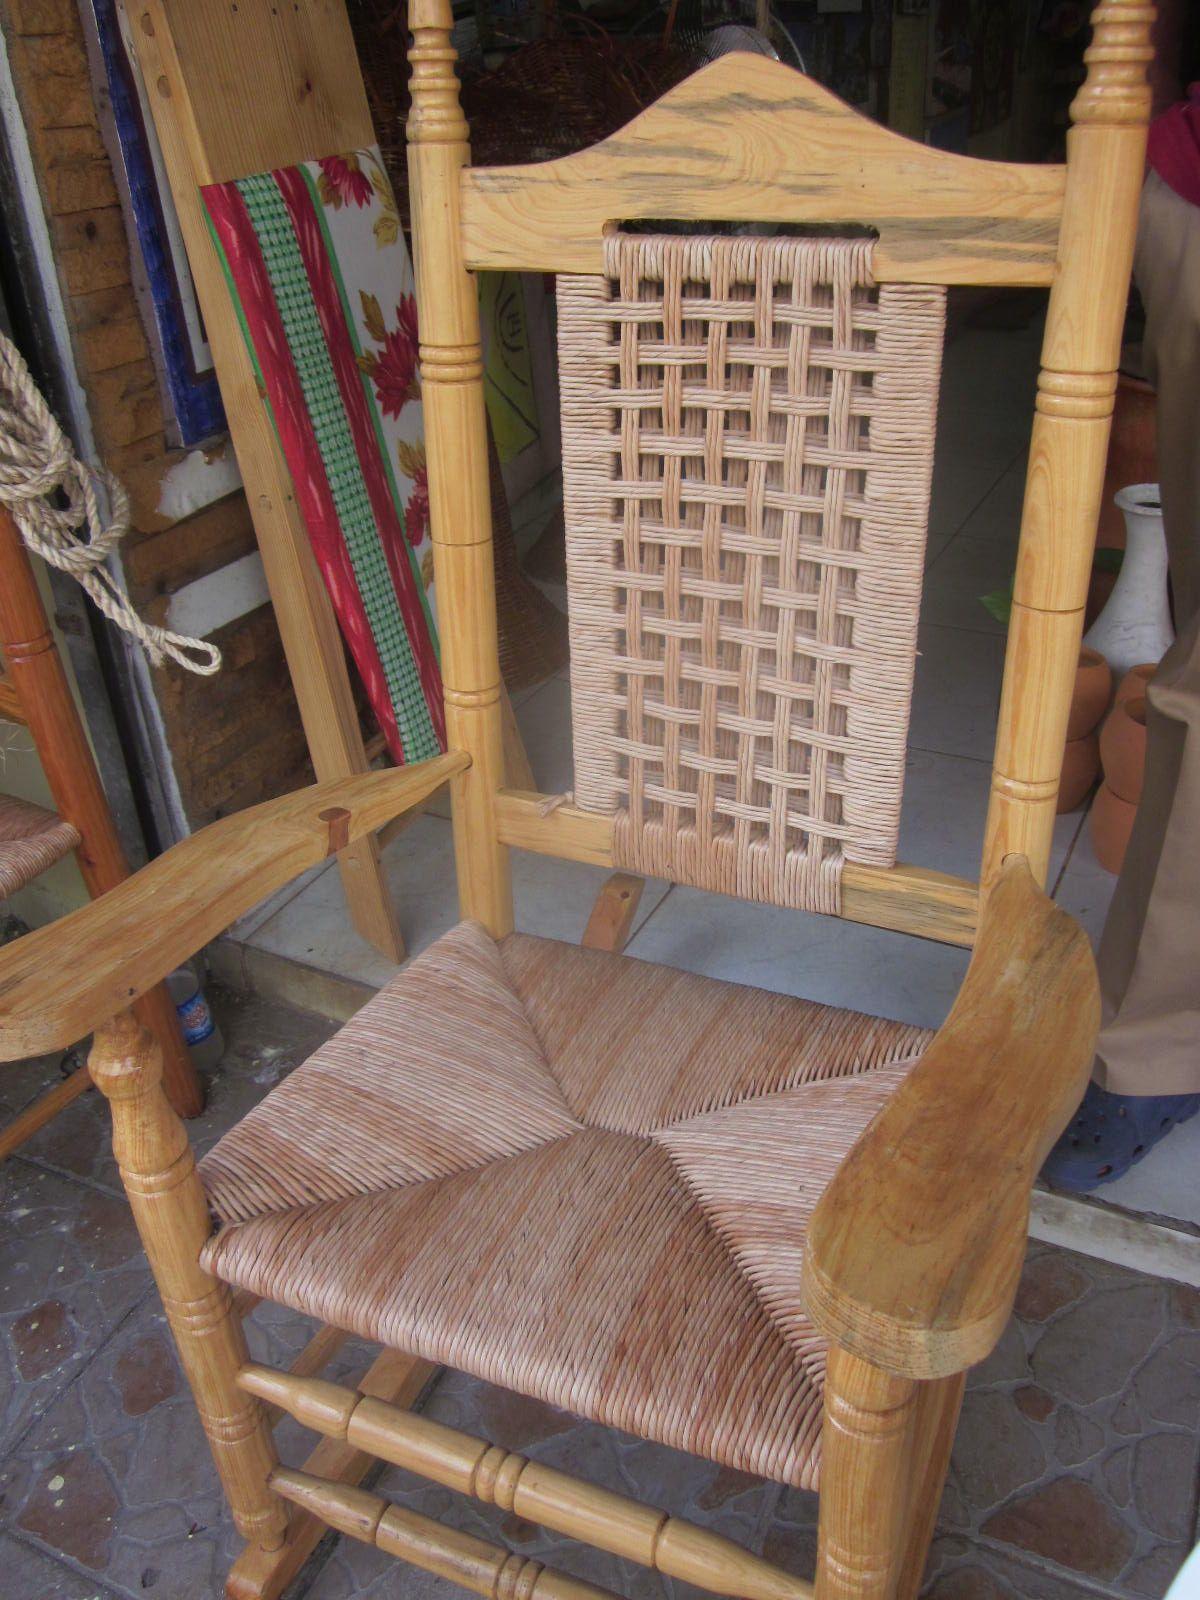 a8138651c Mecedora Dominicana fabricada en el interior del Pais. RD. Varias mecedoras  para disfrutar de nuestro ambiente tipico